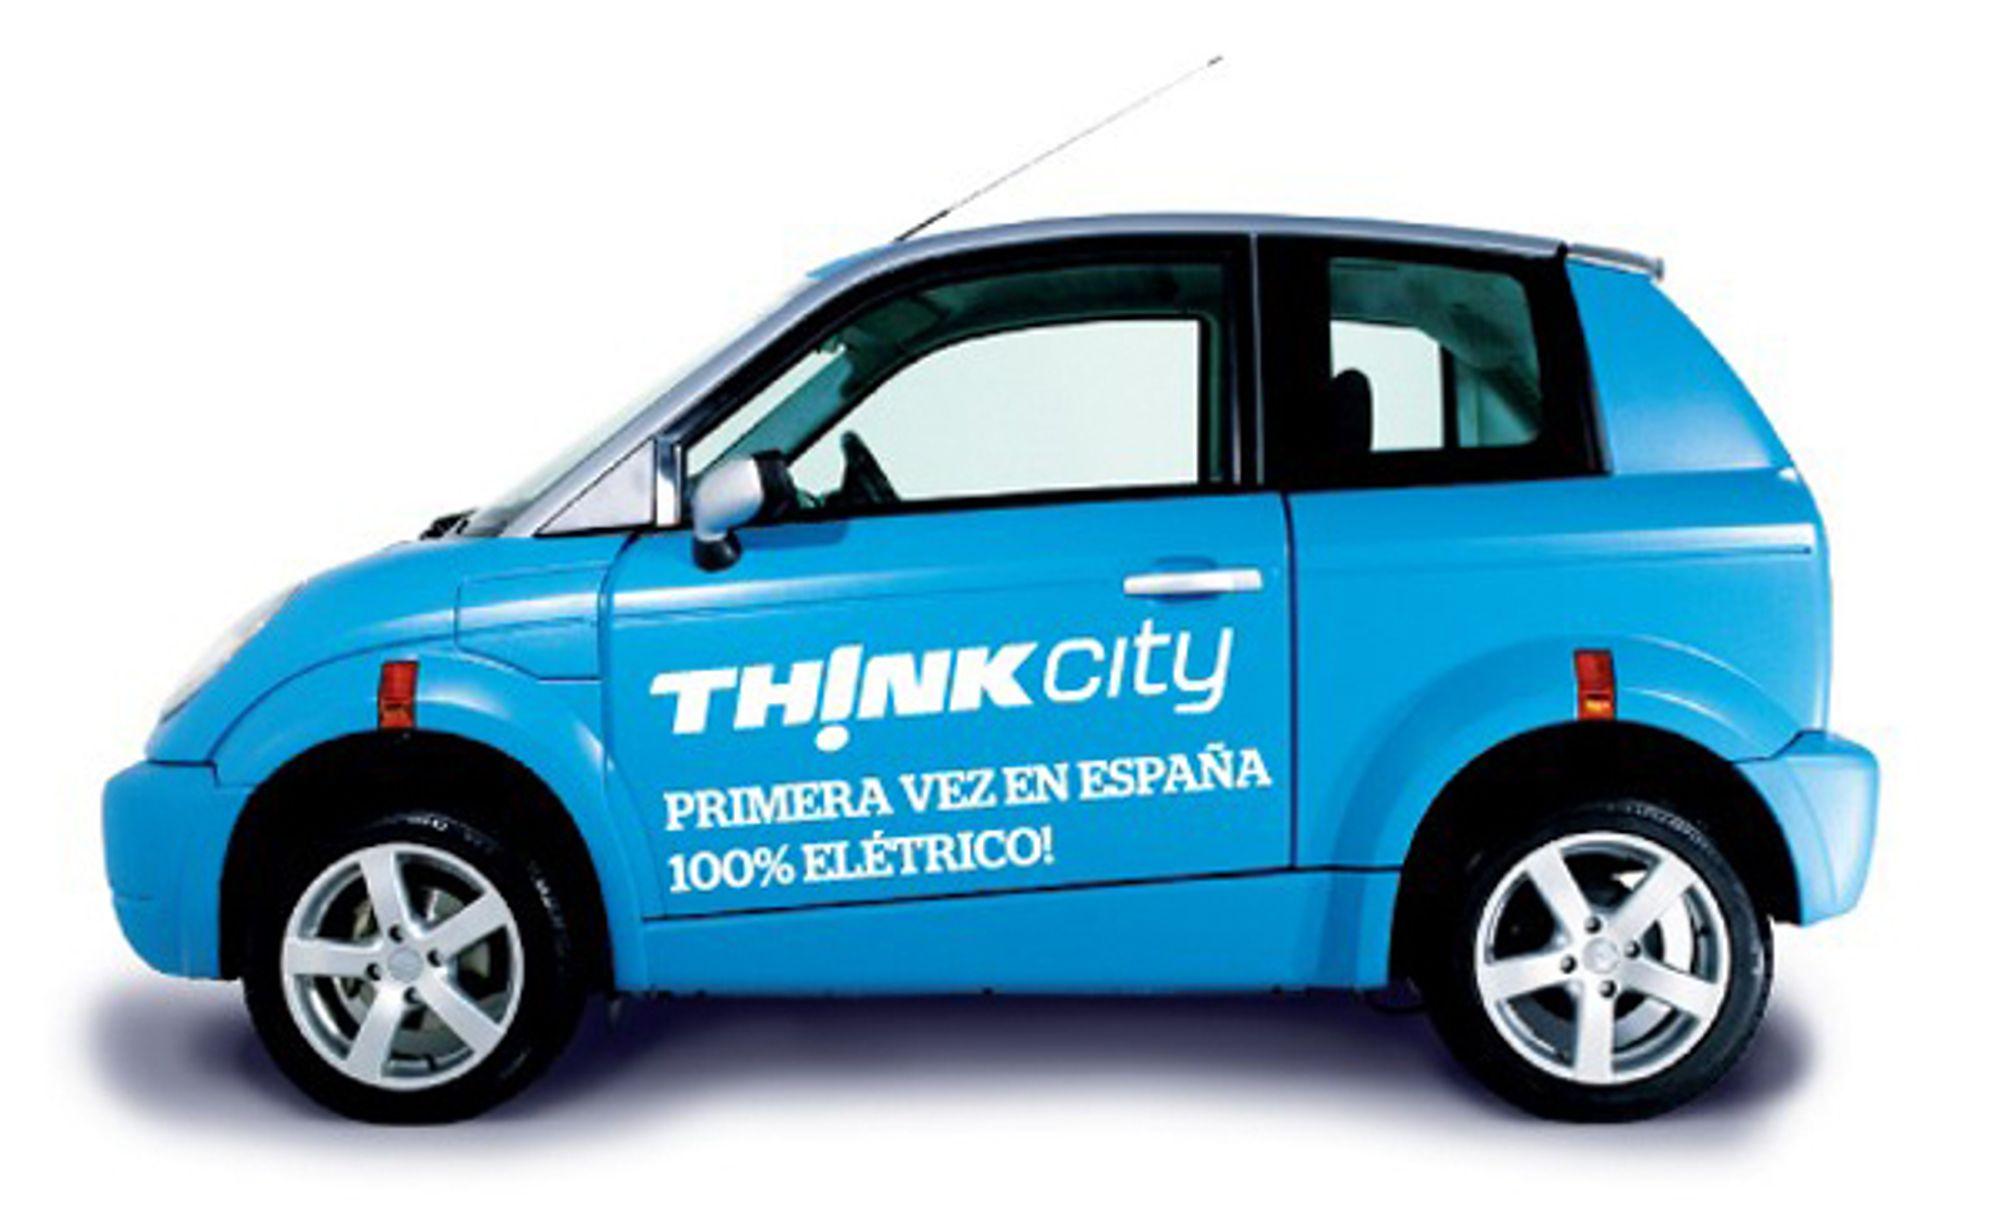 Om noen uker ruller de første Think City ut på spanske veier. I løpet av ett år skal 550 elbiler leveres.